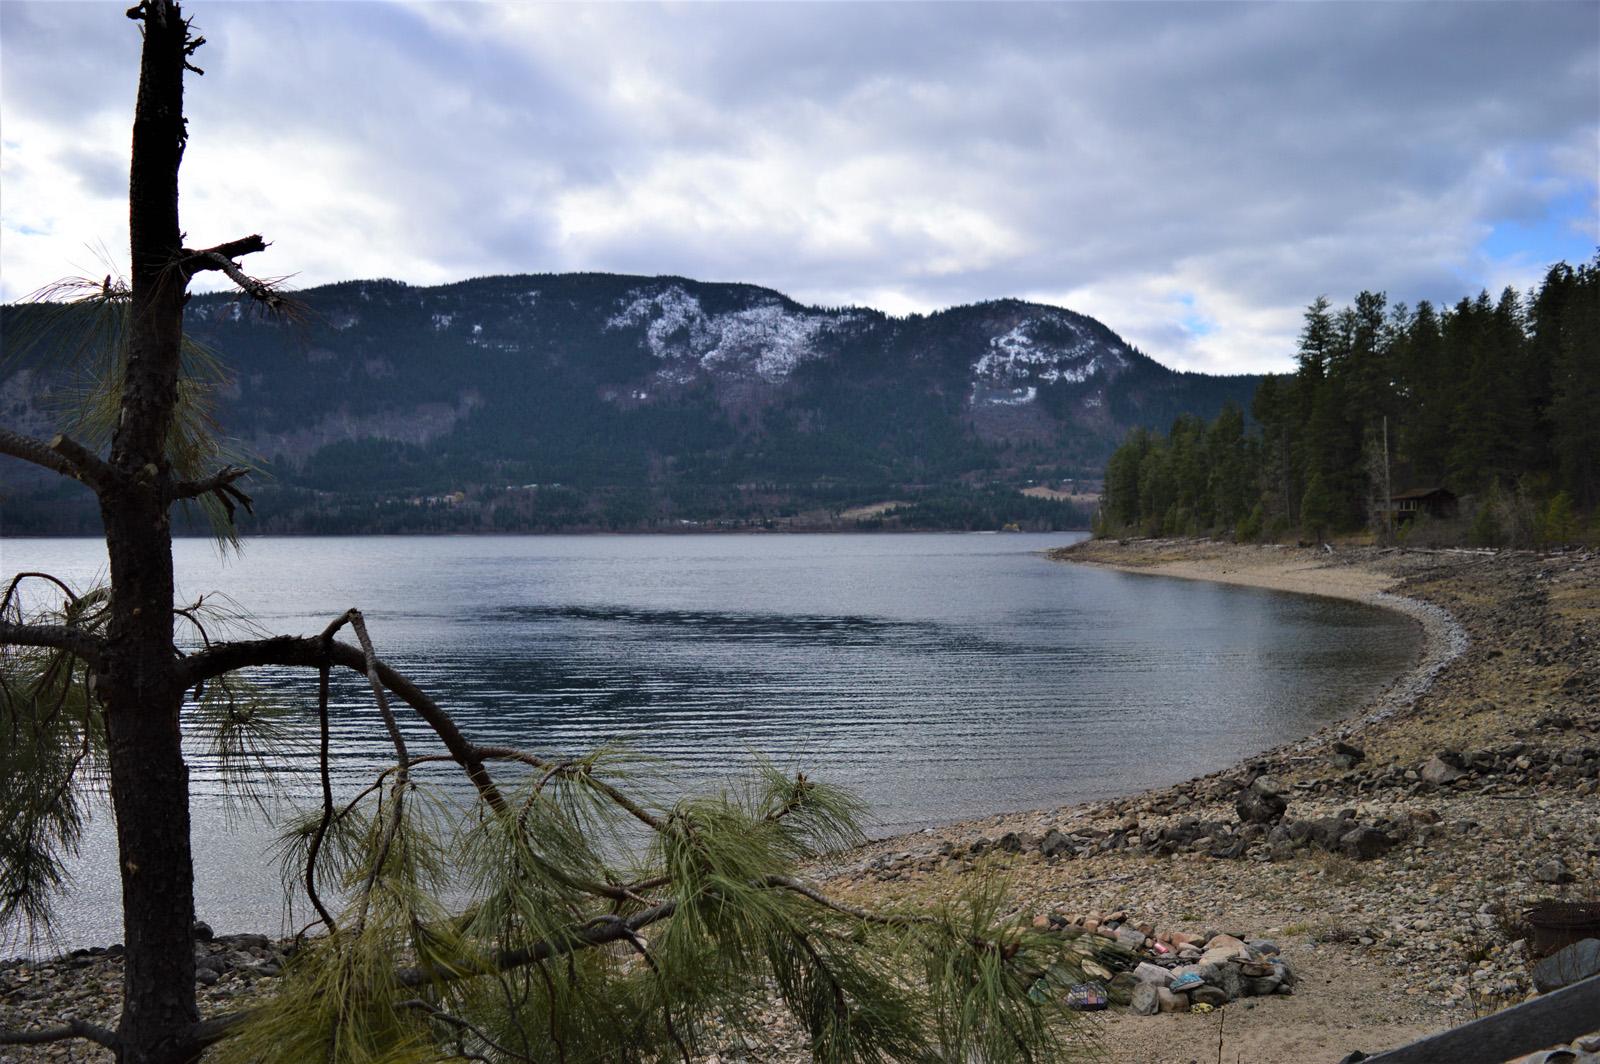 Little shuswap lake 19